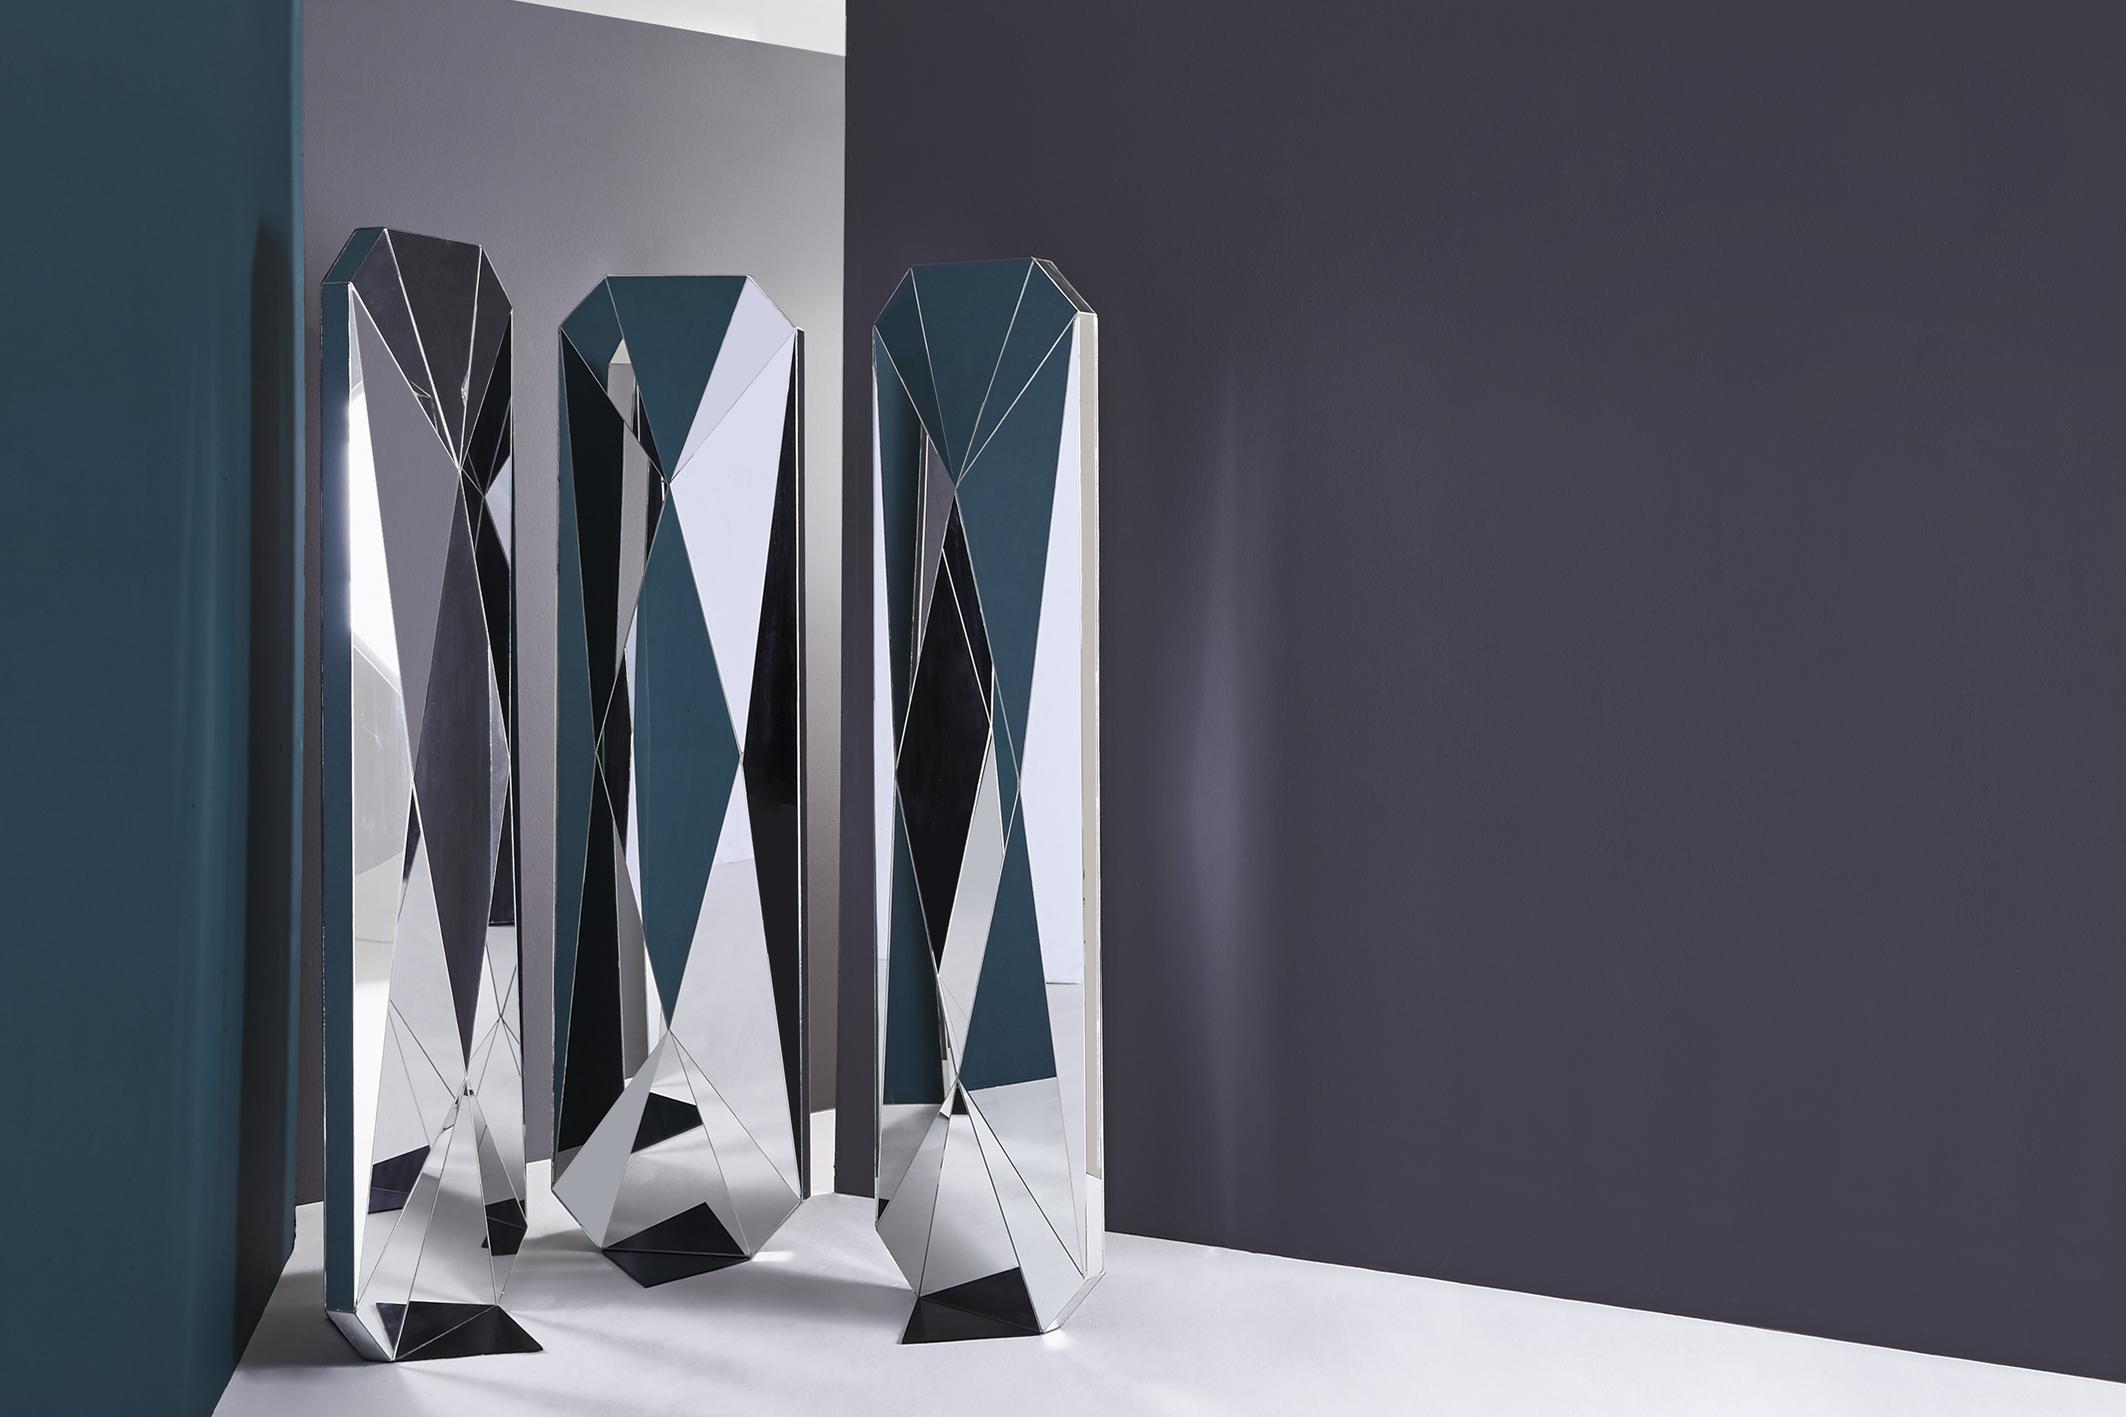 Biombo Espejos en colaboración con Diamantina y La Perla. Medidas: 51cm * 17cm / 1.80cm alto Material: espejo. Foto: Mónica Barreneche.